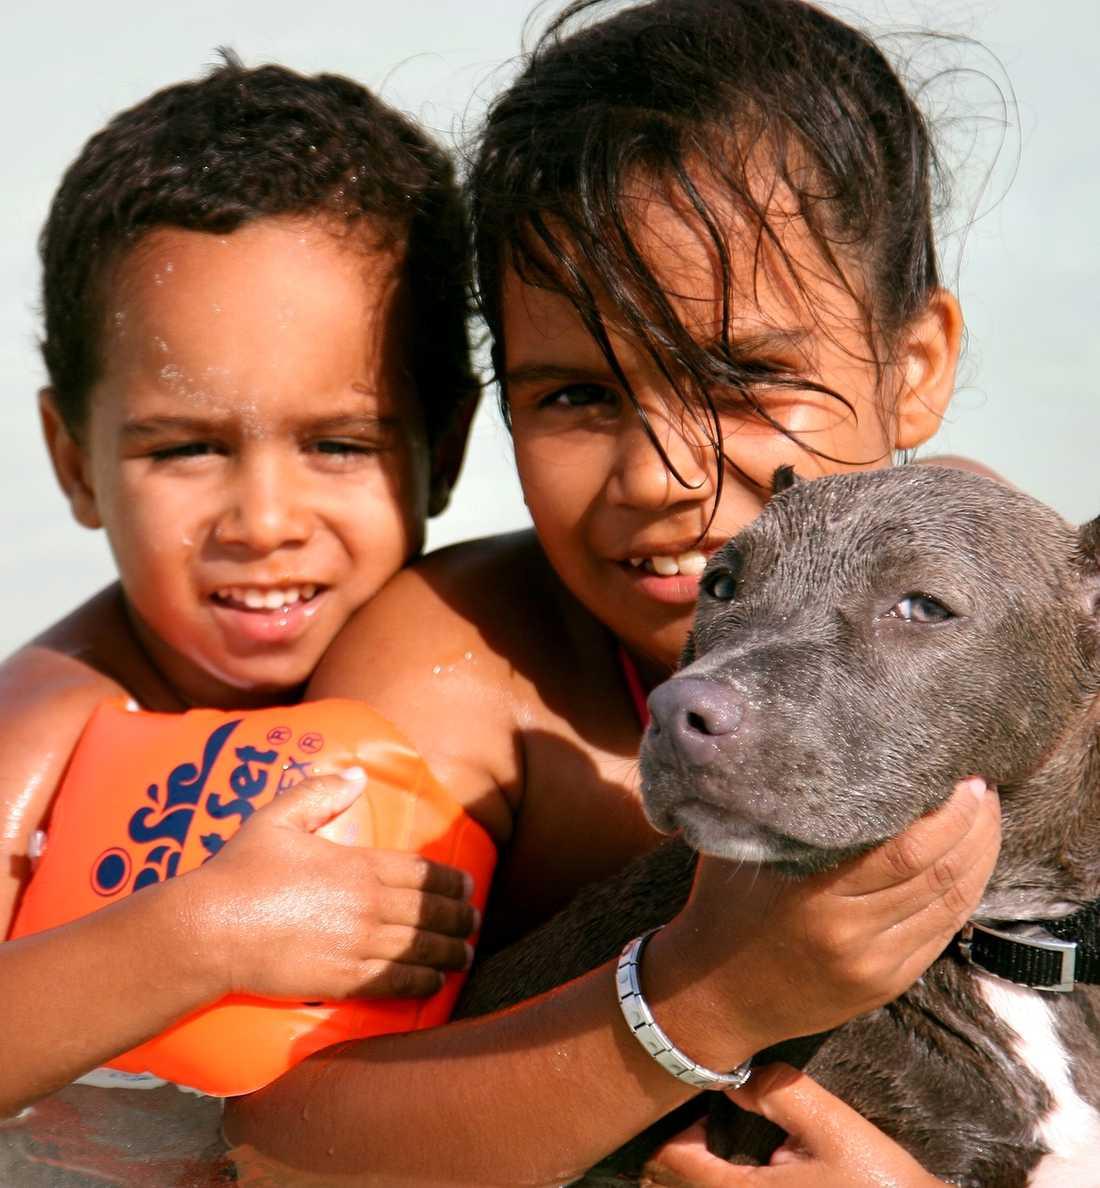 Mer eller mindre frivilligt hundsim på Baby beach.